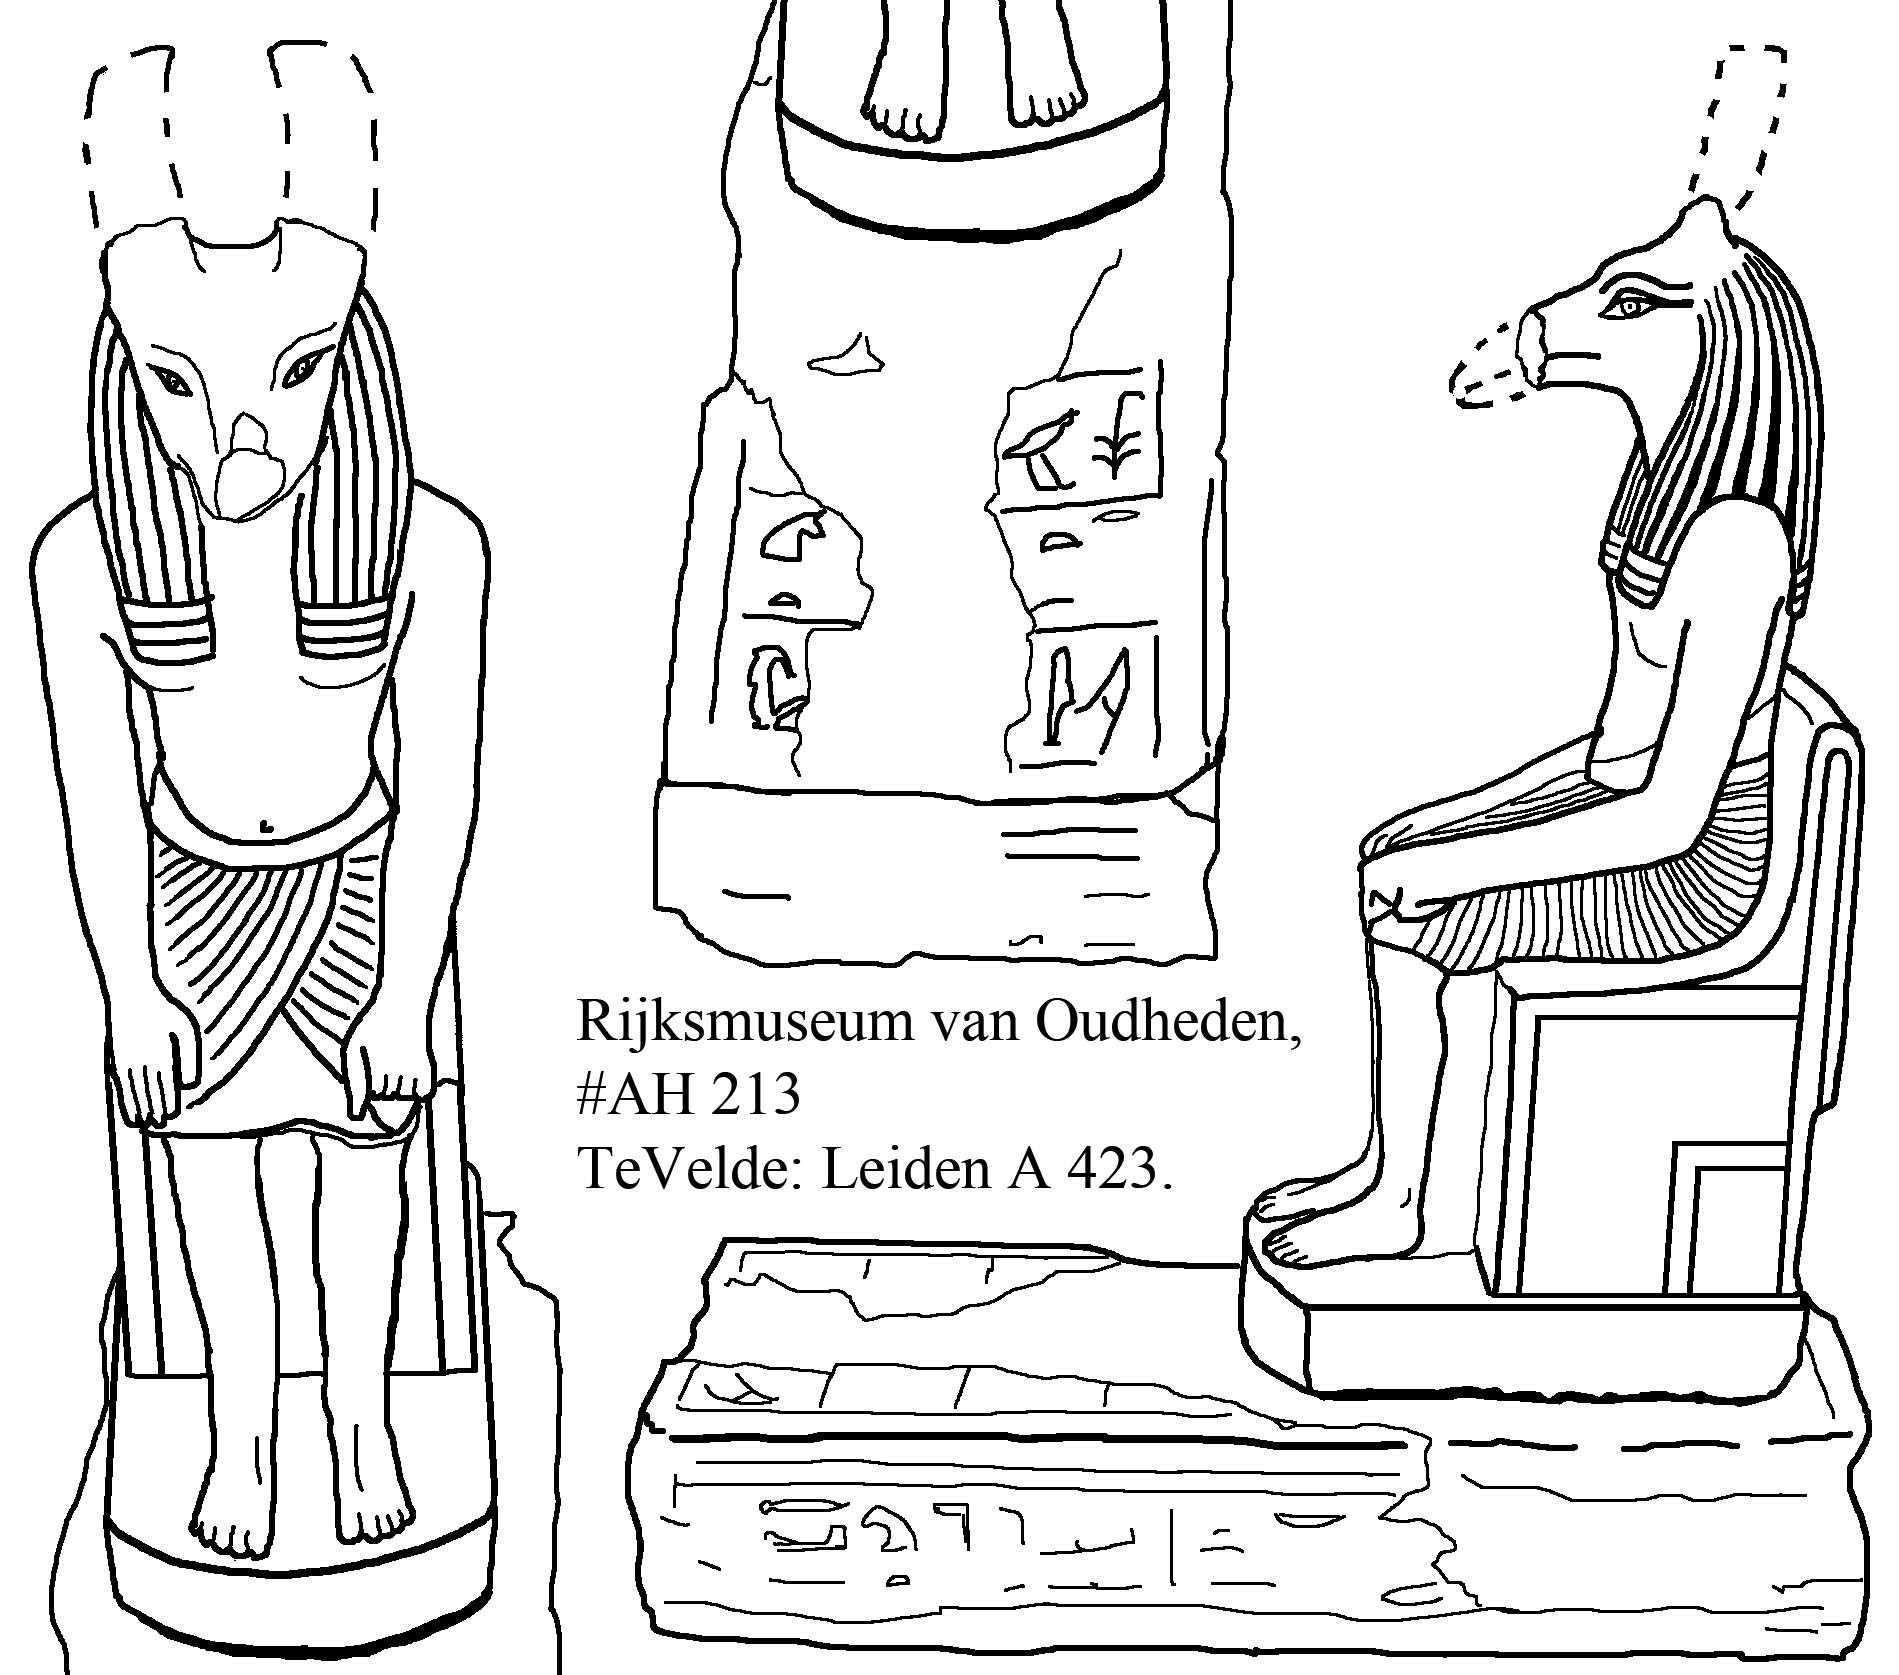 La representación de Seth - Página 4 Leiden-a423